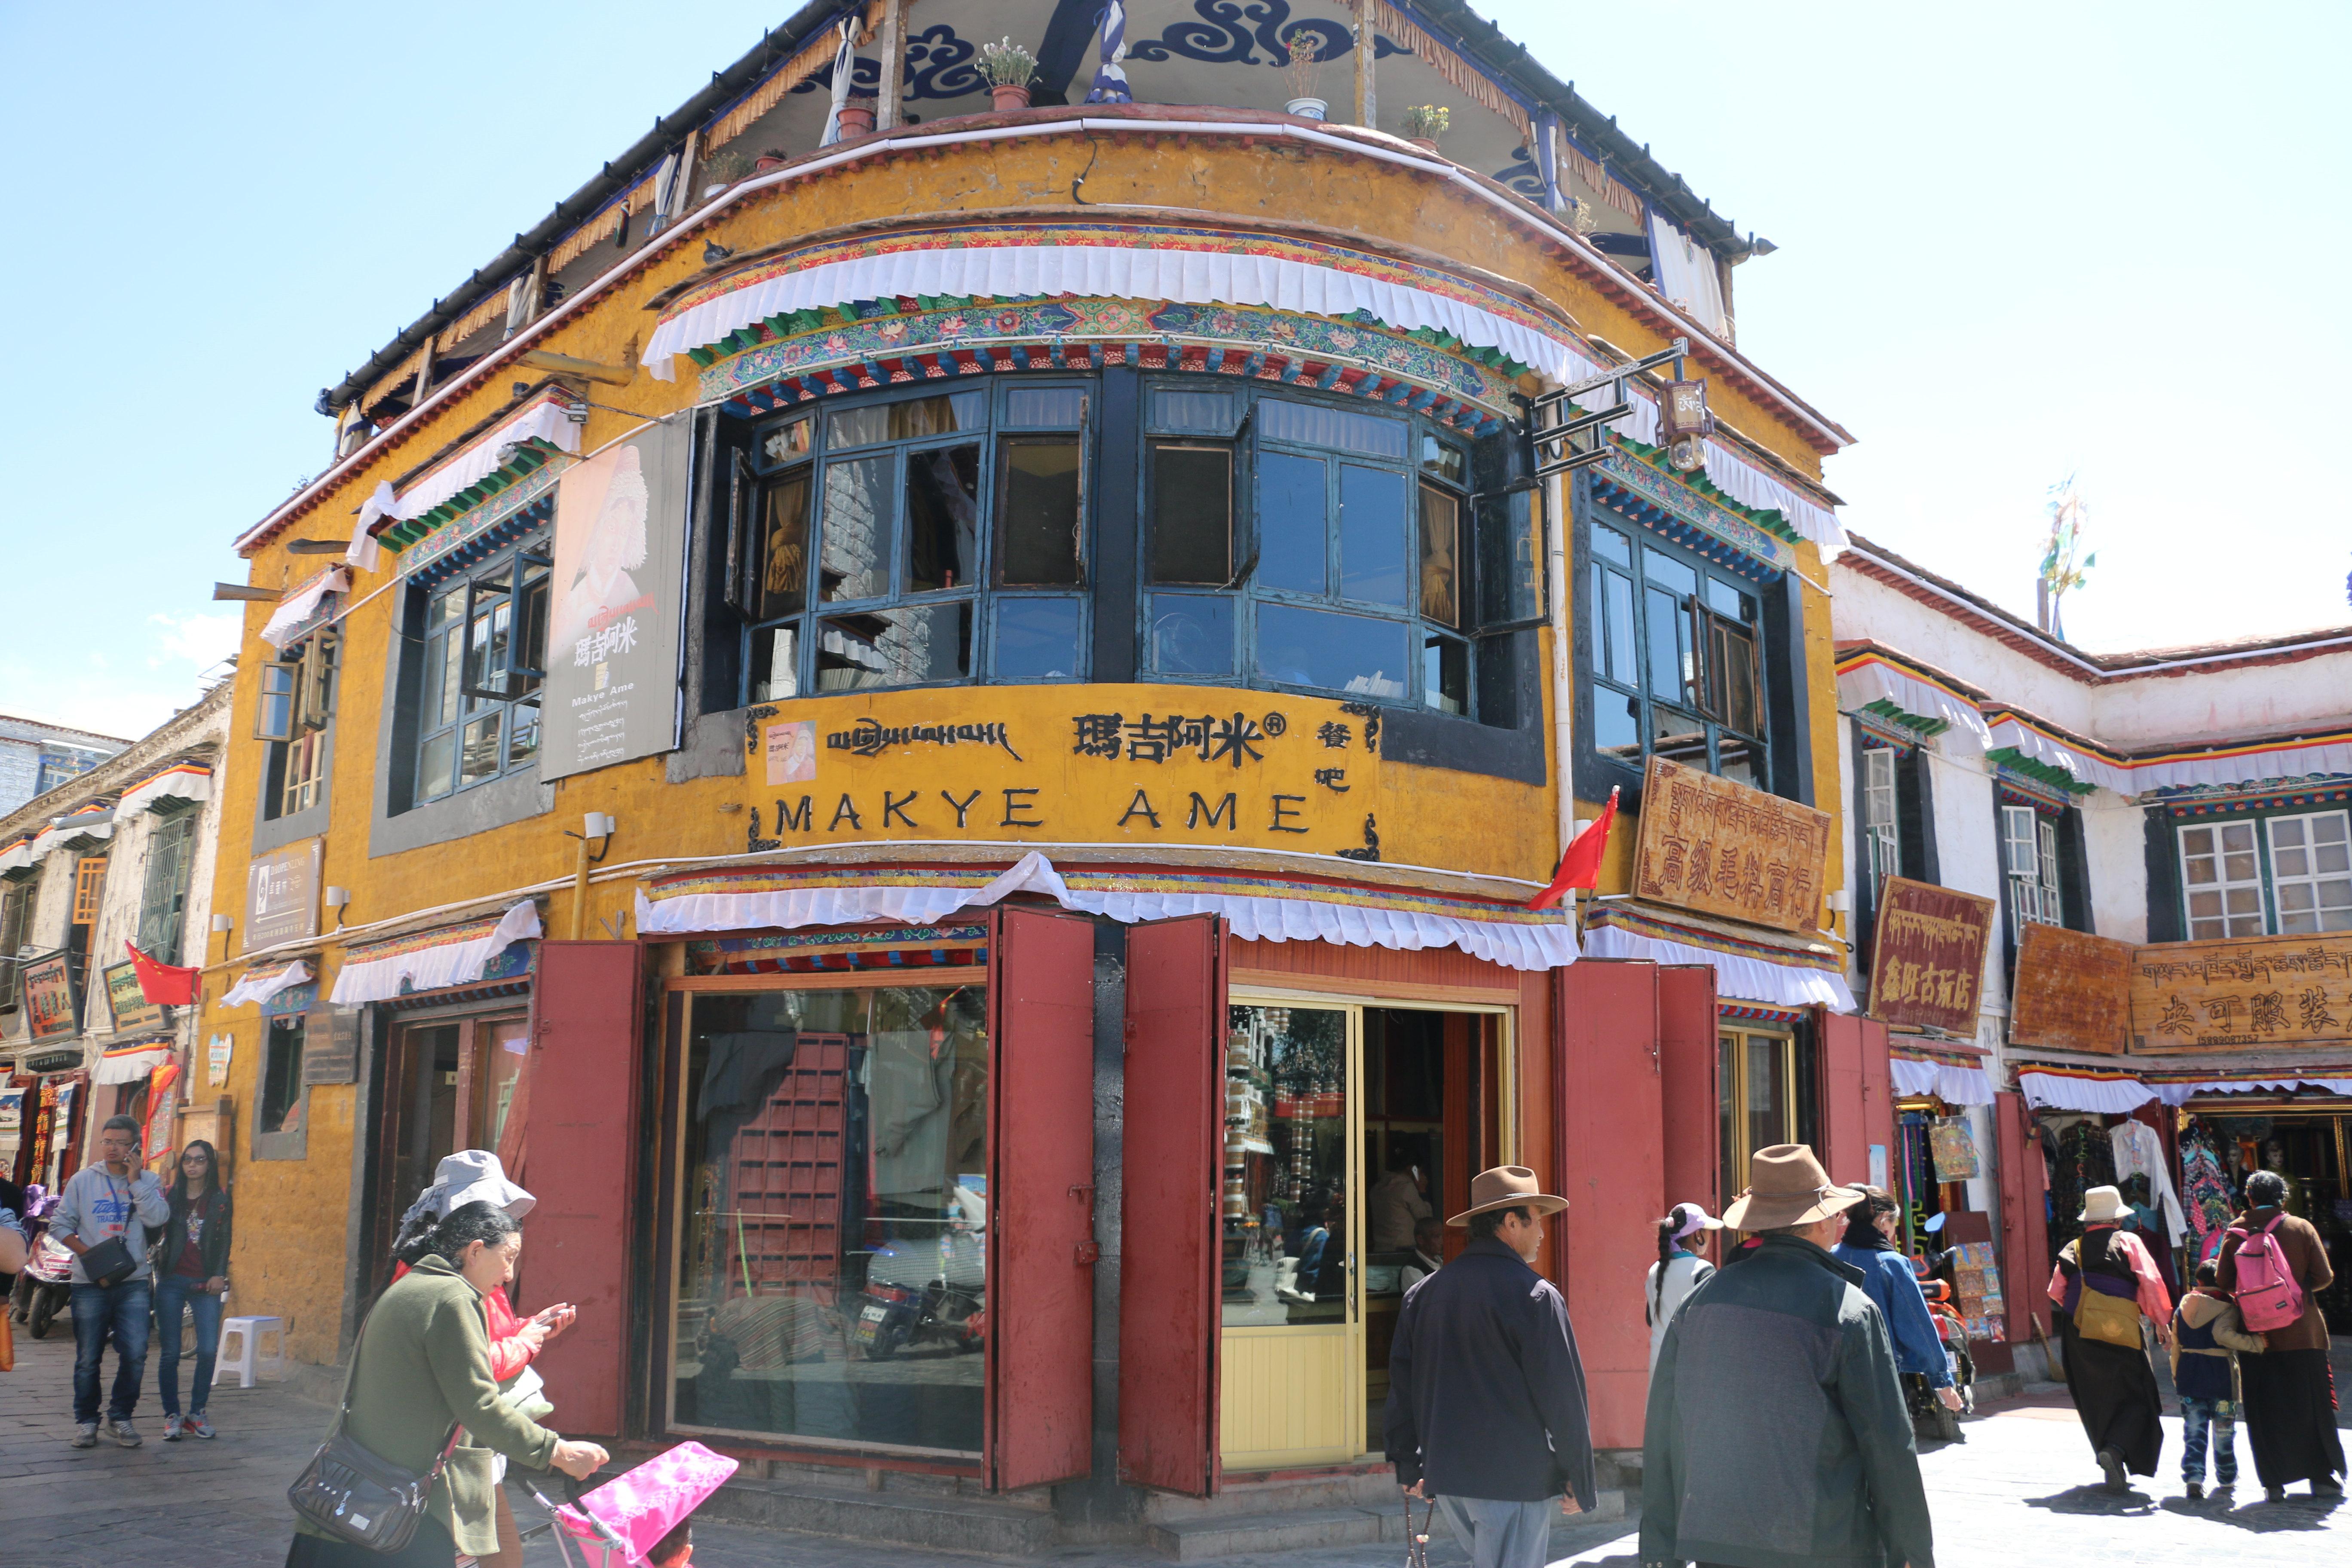 拉萨市八廓街_坐落在西藏拉萨市八廓街的东南角,是以尼泊尔,印度,西藏风味为主的